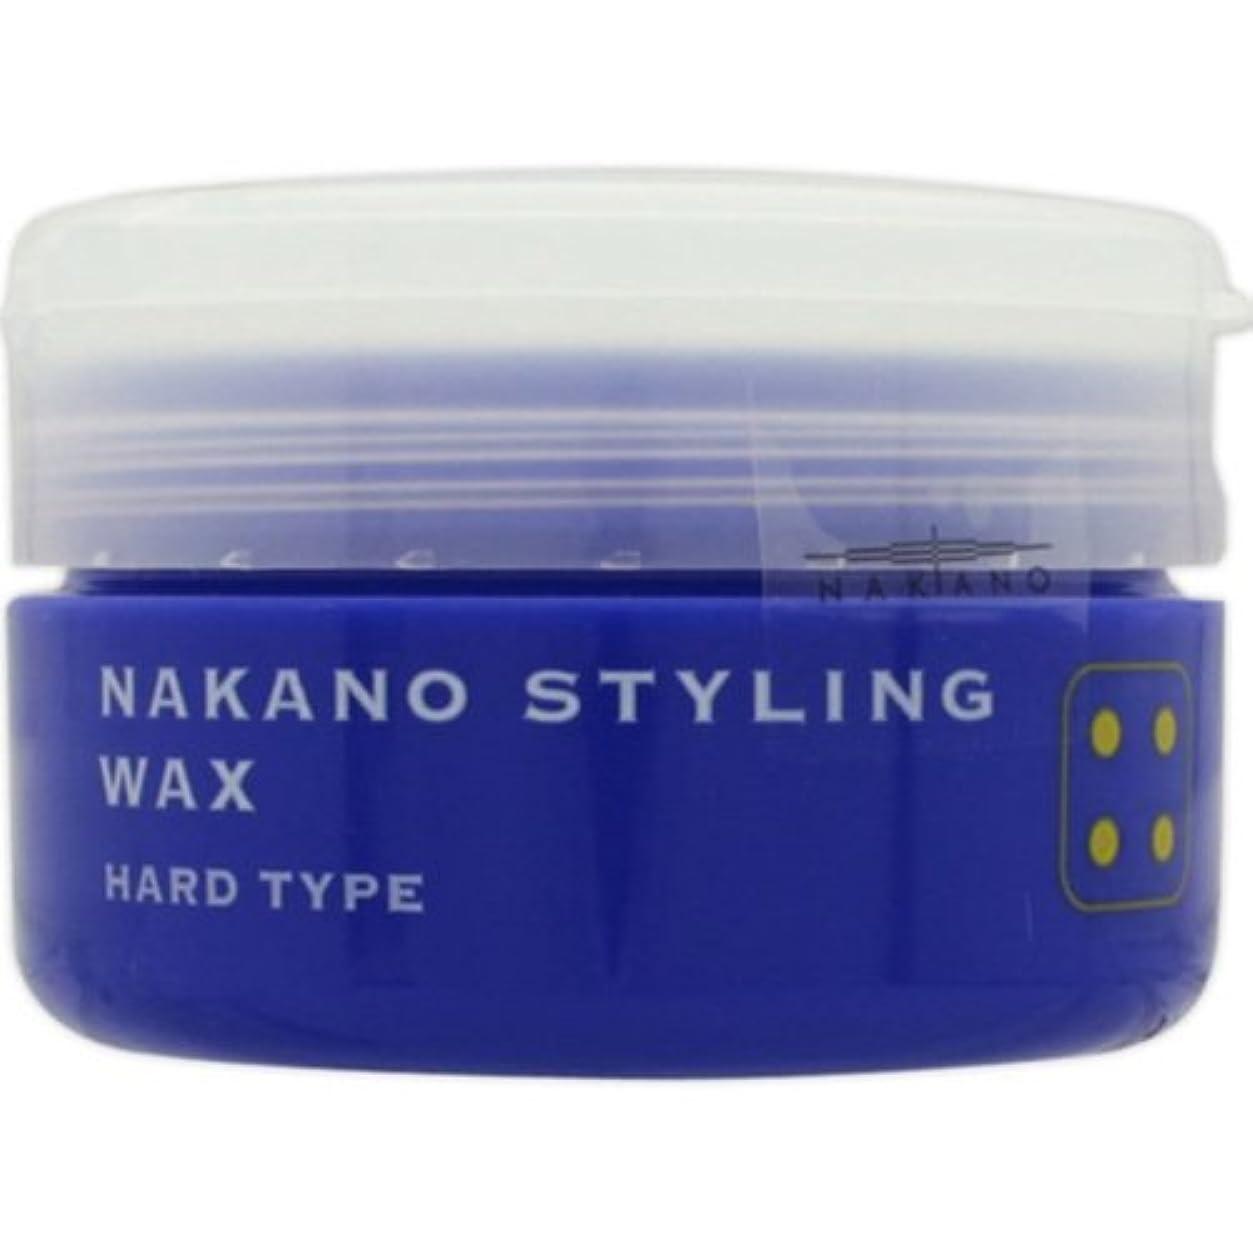 振り向く郊外姉妹ナカノ スタイリングワックス 4 ハードタイプ 90g 中野製薬 NAKANO